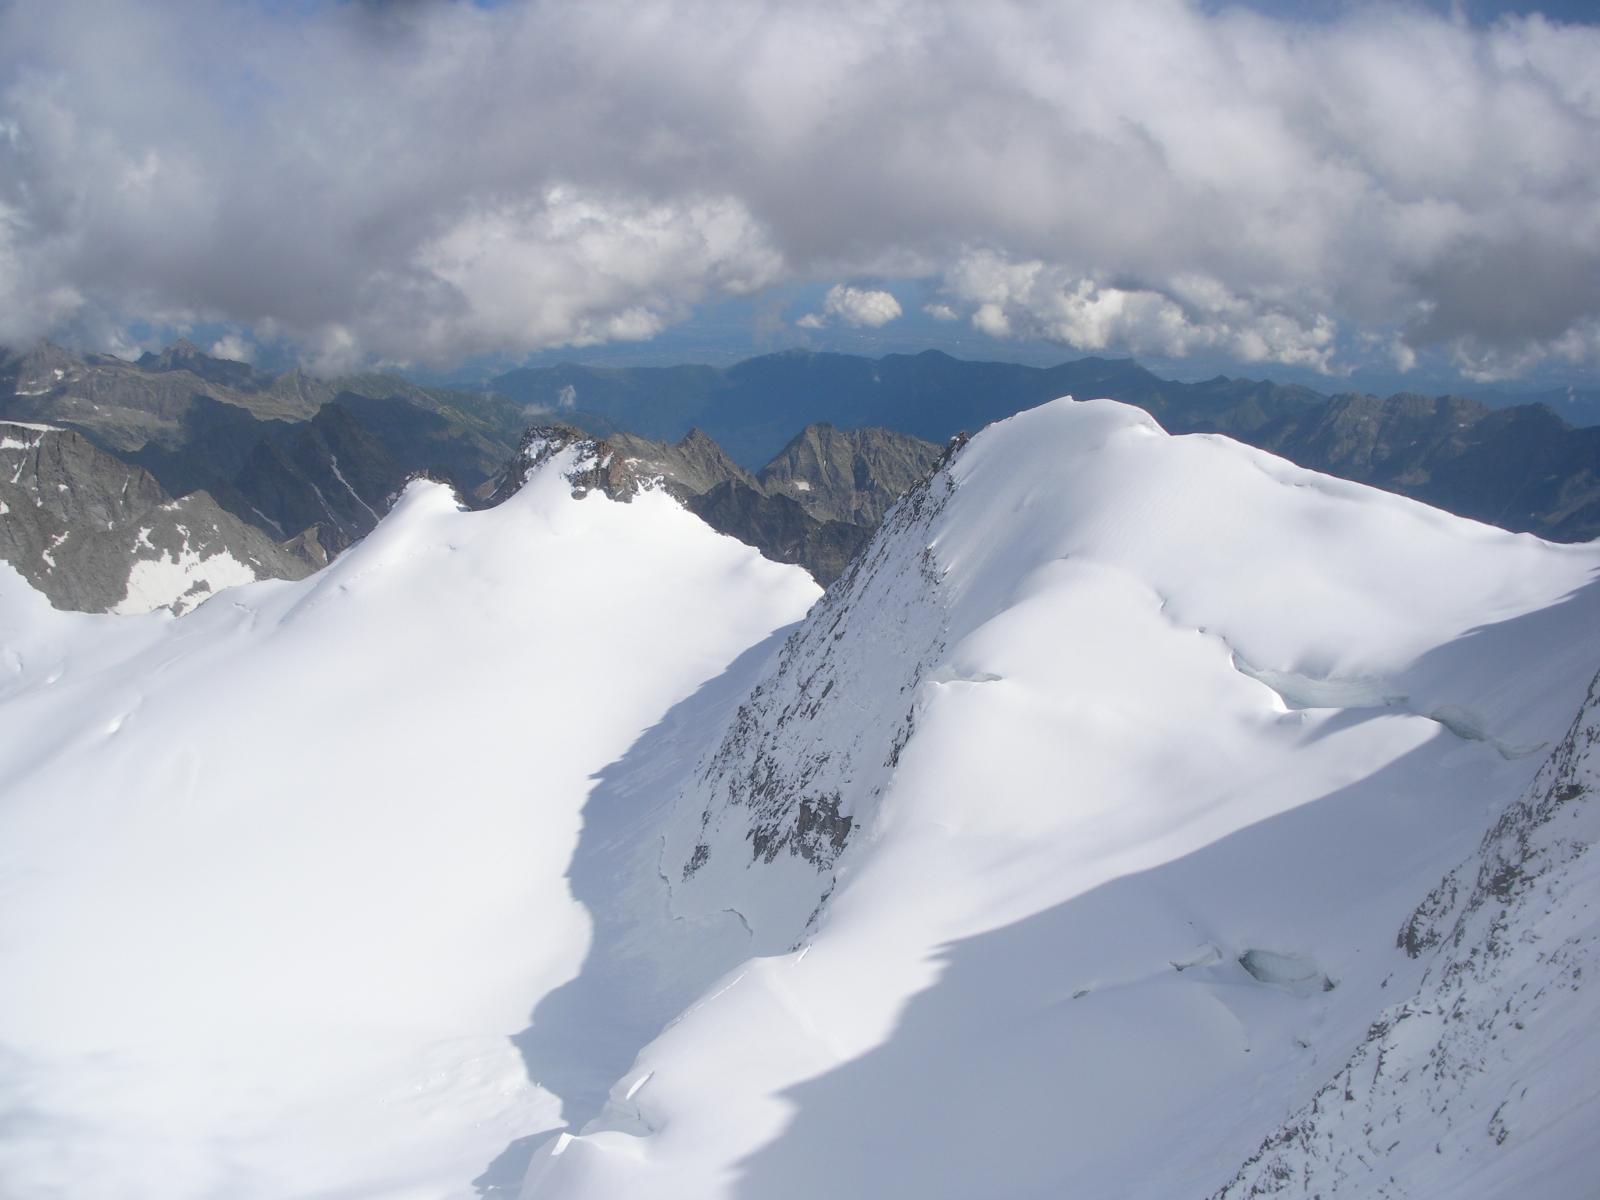 un occhiata al ghiacciaio della Tribolazione..oggi in candeggina..